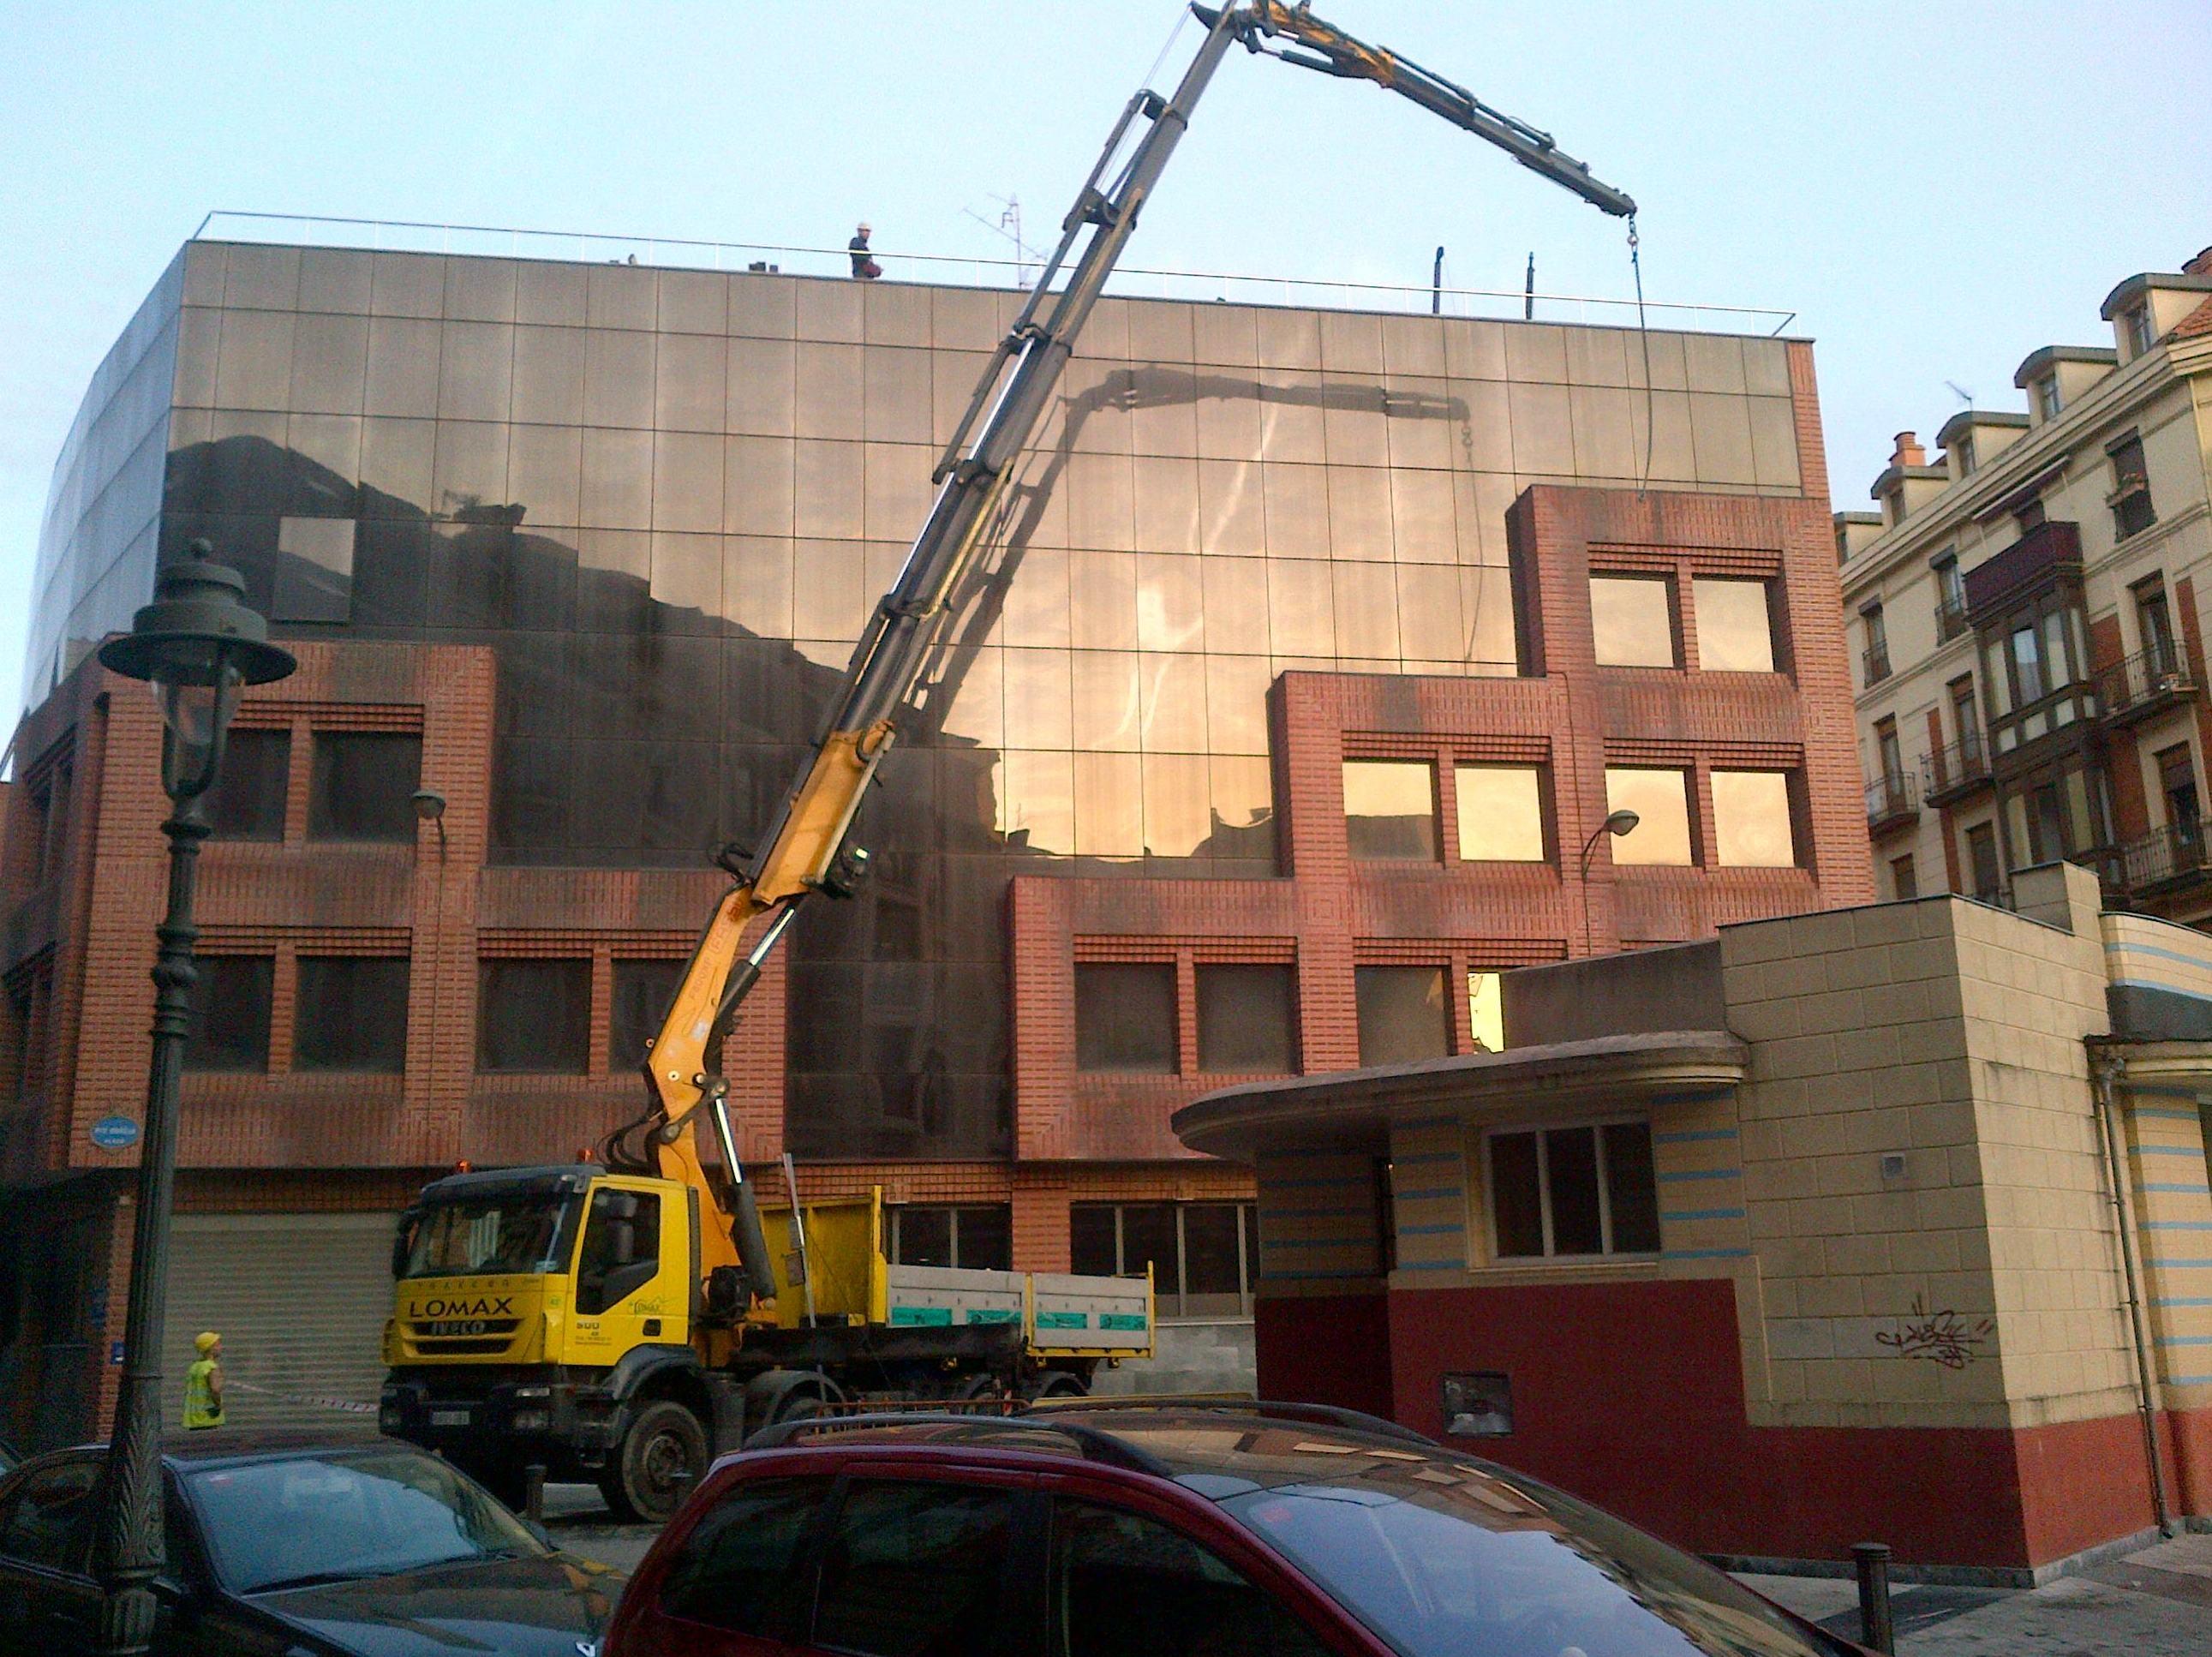 Trabajos en Plaza pio baroja Bilbao